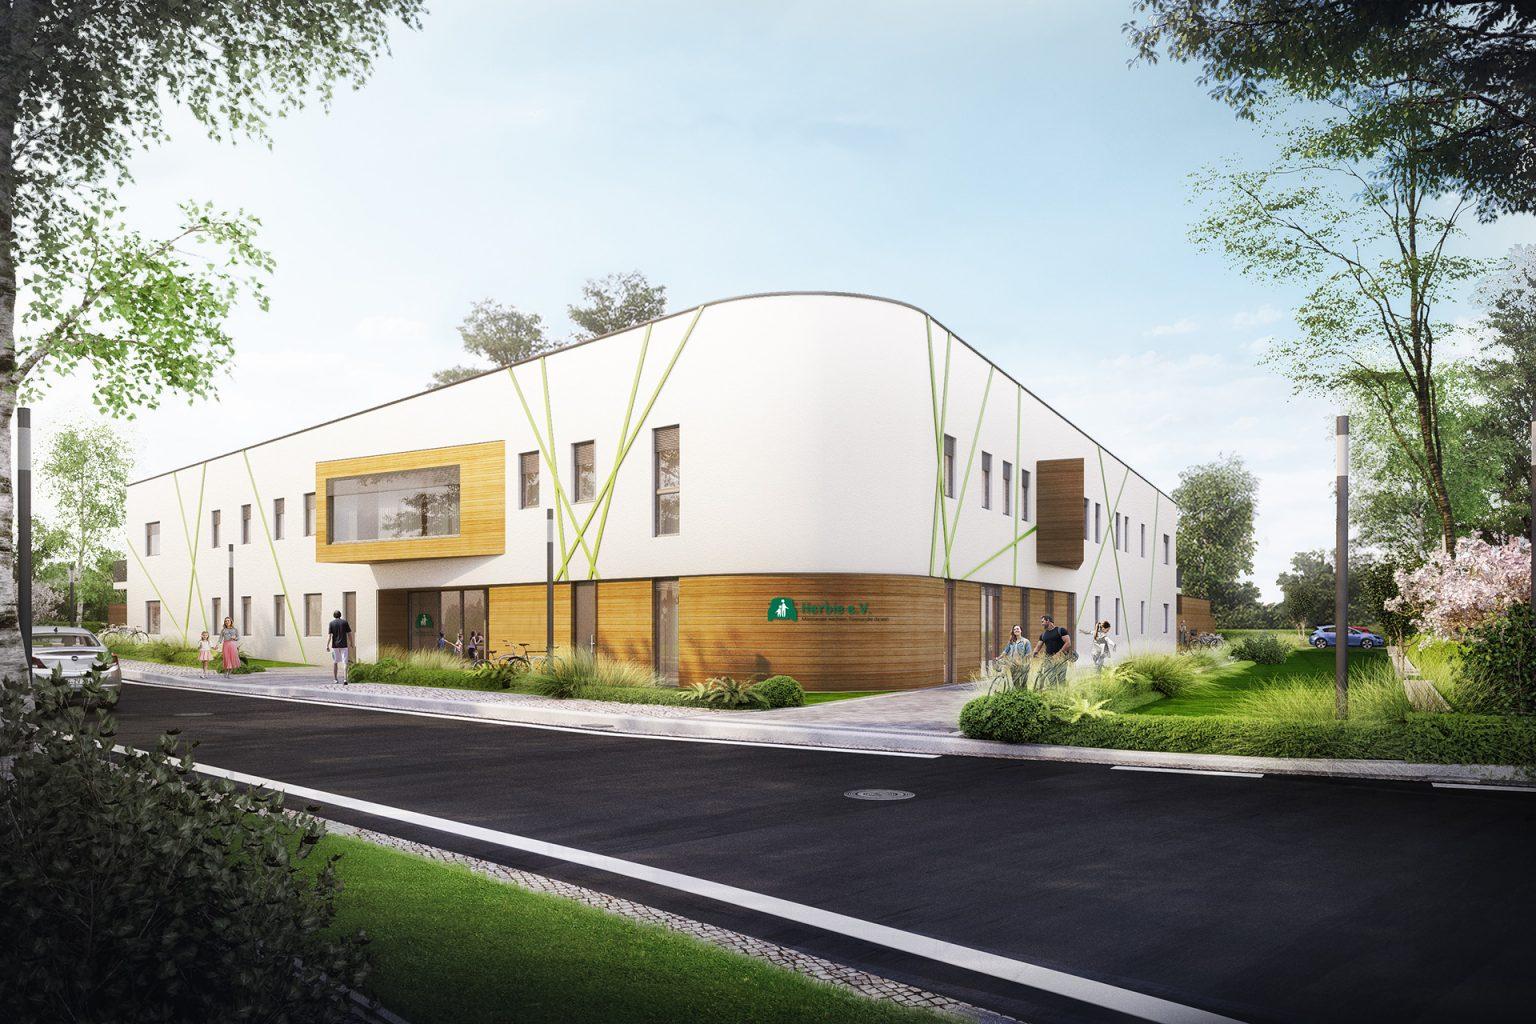 Visualisierung - Kita Cleudner Straße 38 - Malios Projektentwicklungs GmbH